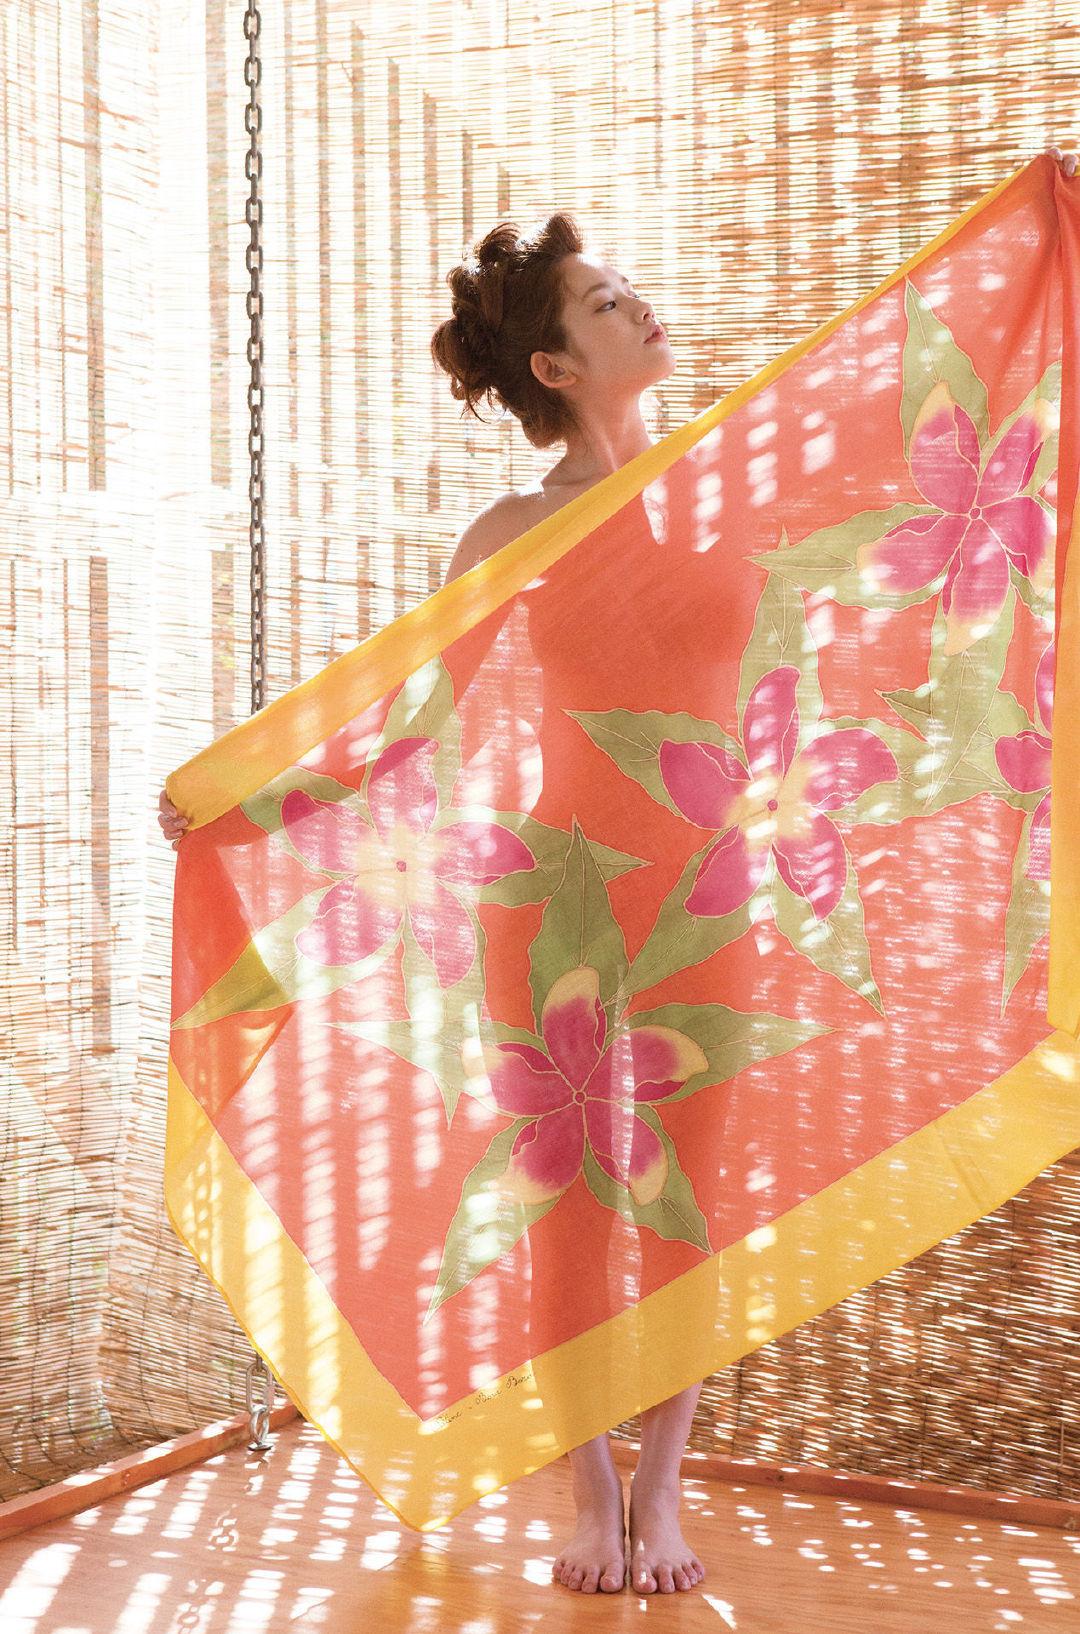 日本女星 筧美和子(かけい みわこ)美图图片分享-觅爱图